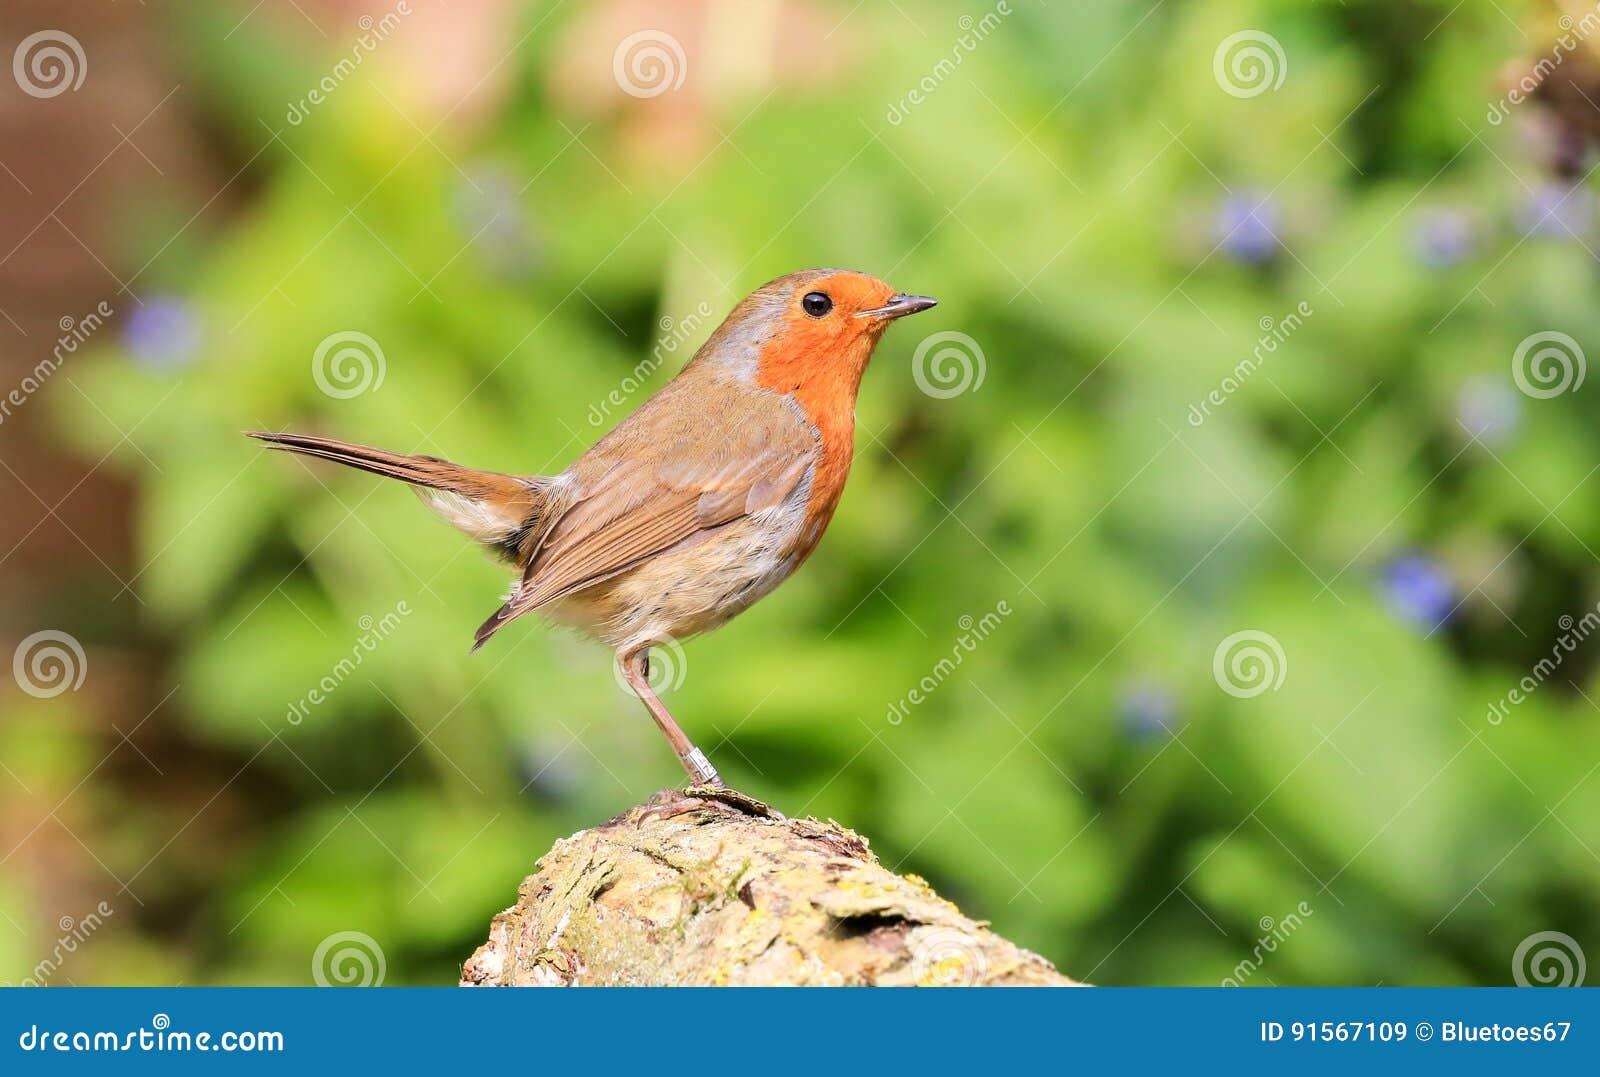 Robin sat on log